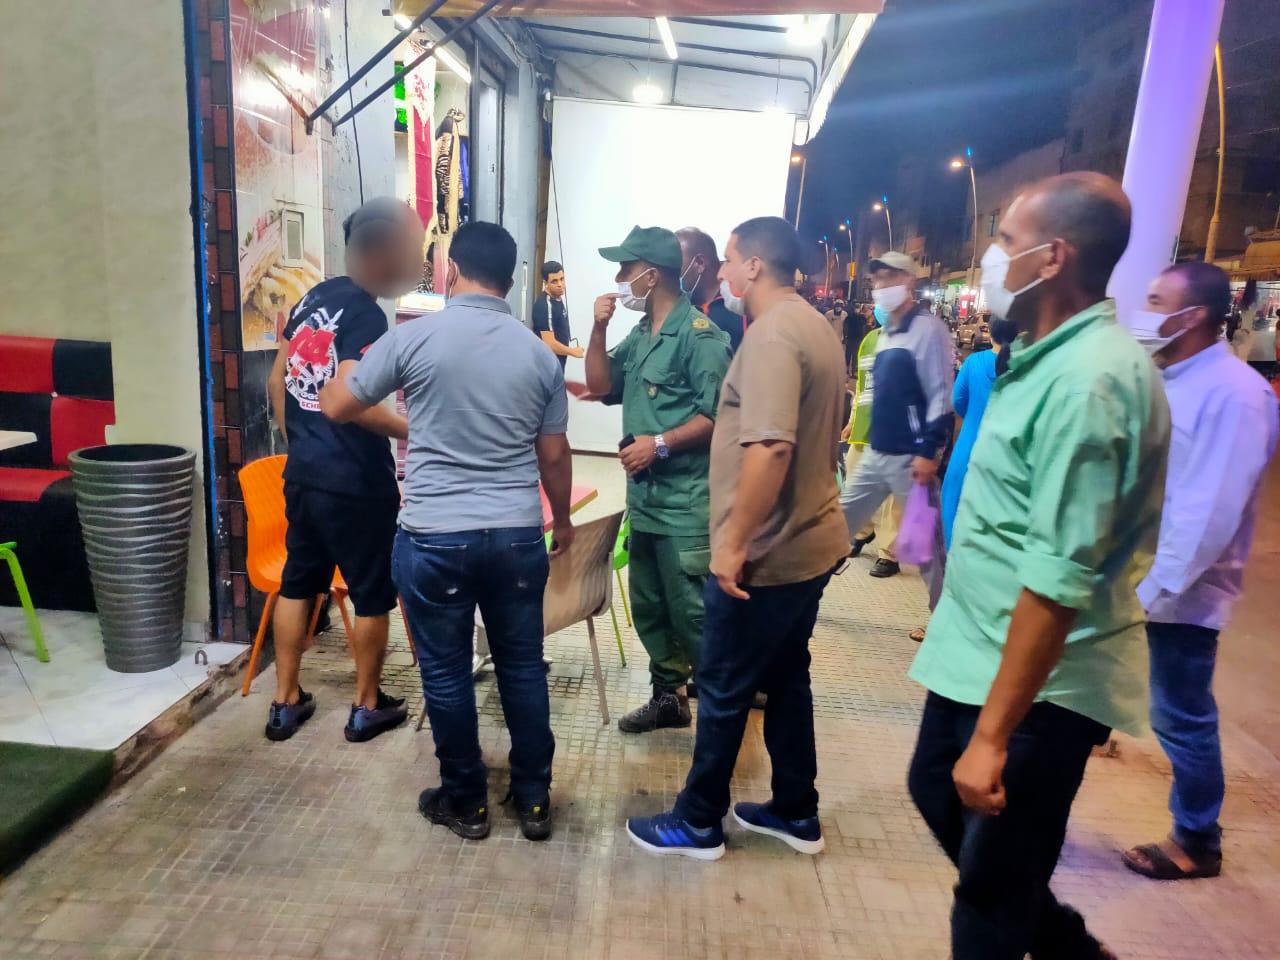 سلطات أزمور تشن حملة ليلية لتنفيذ قرارات الاغلاق في العاشرة مساء